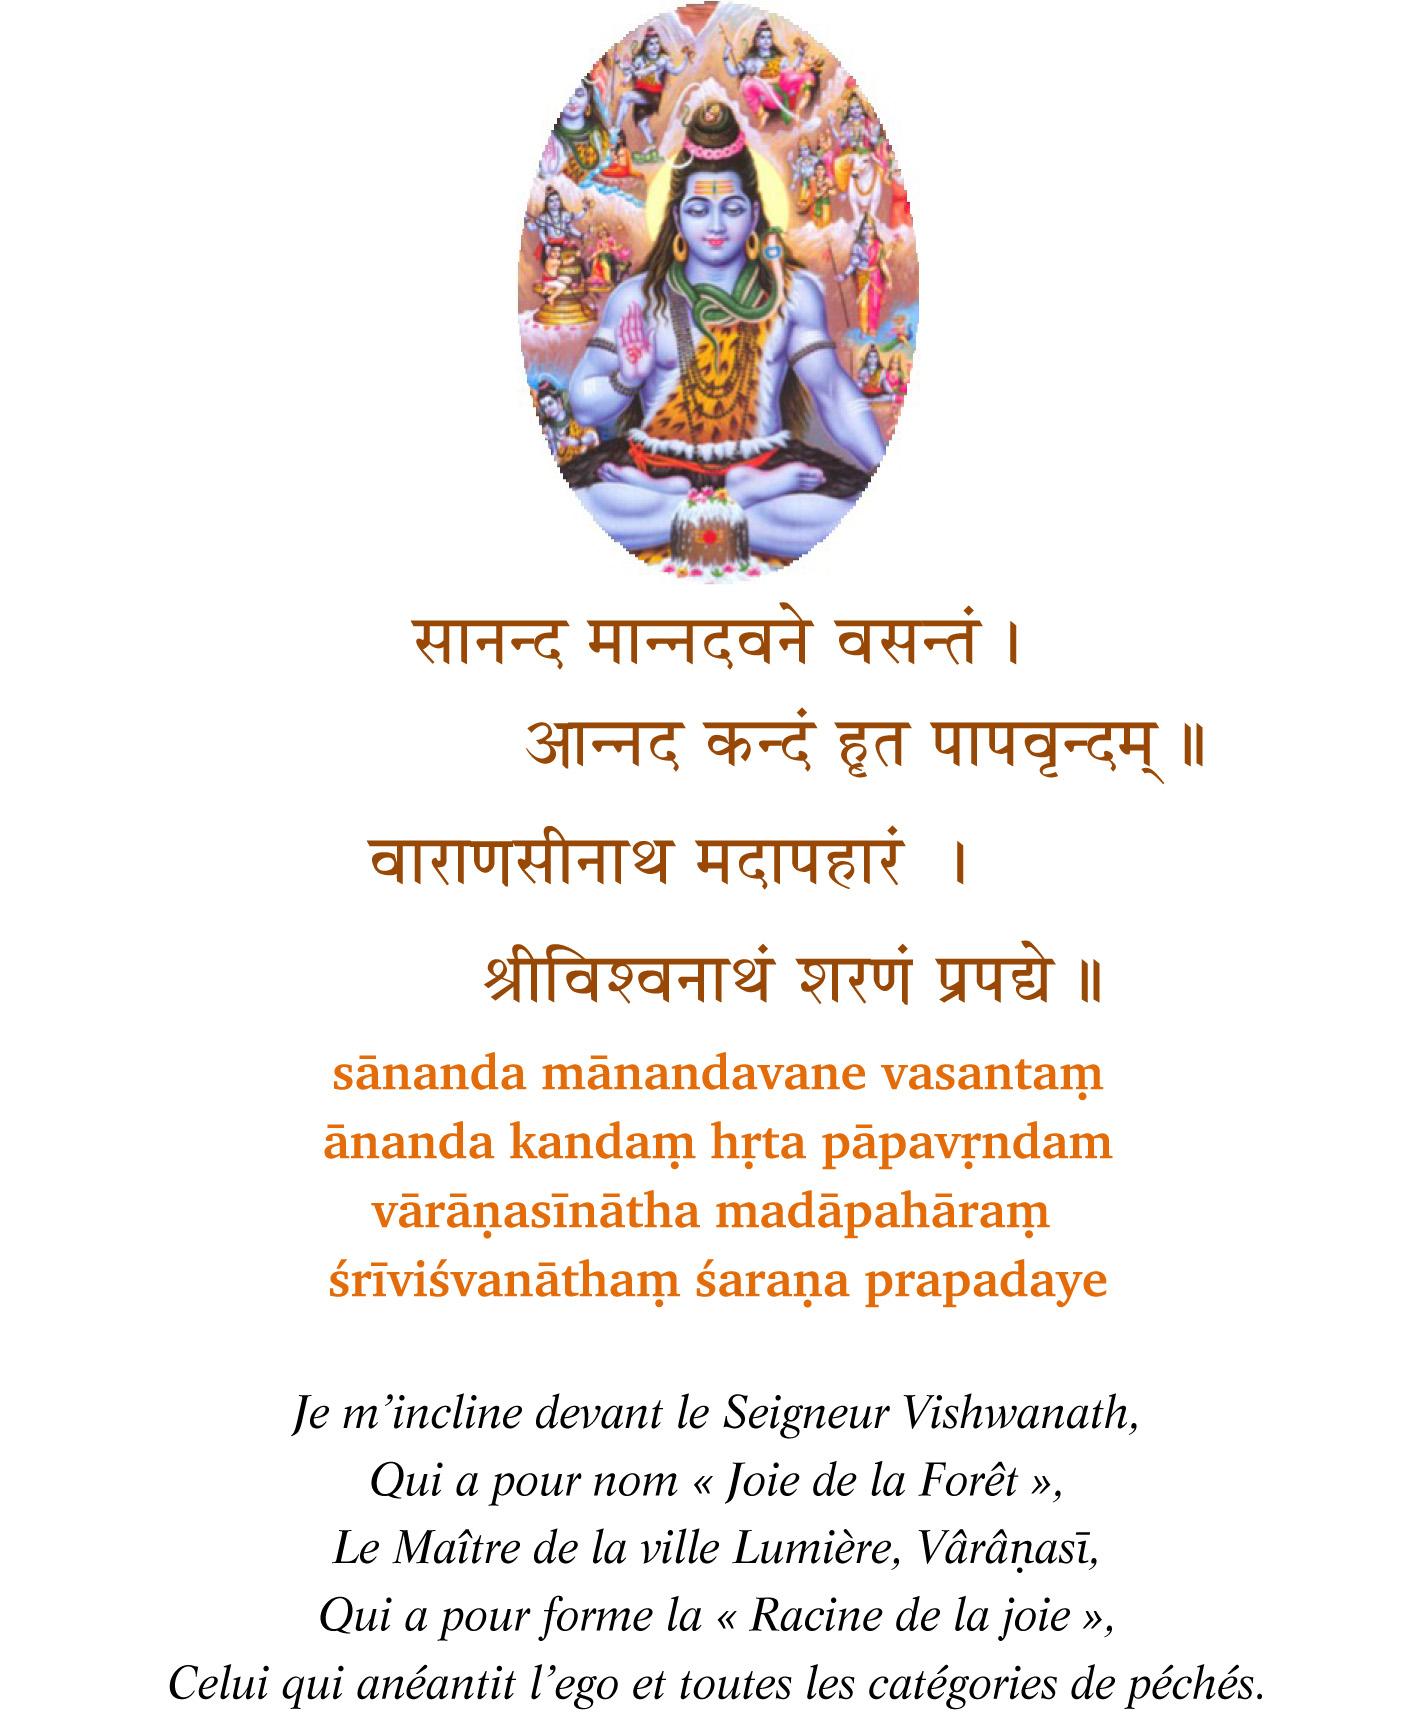 verset shiva adhik mâs 2015